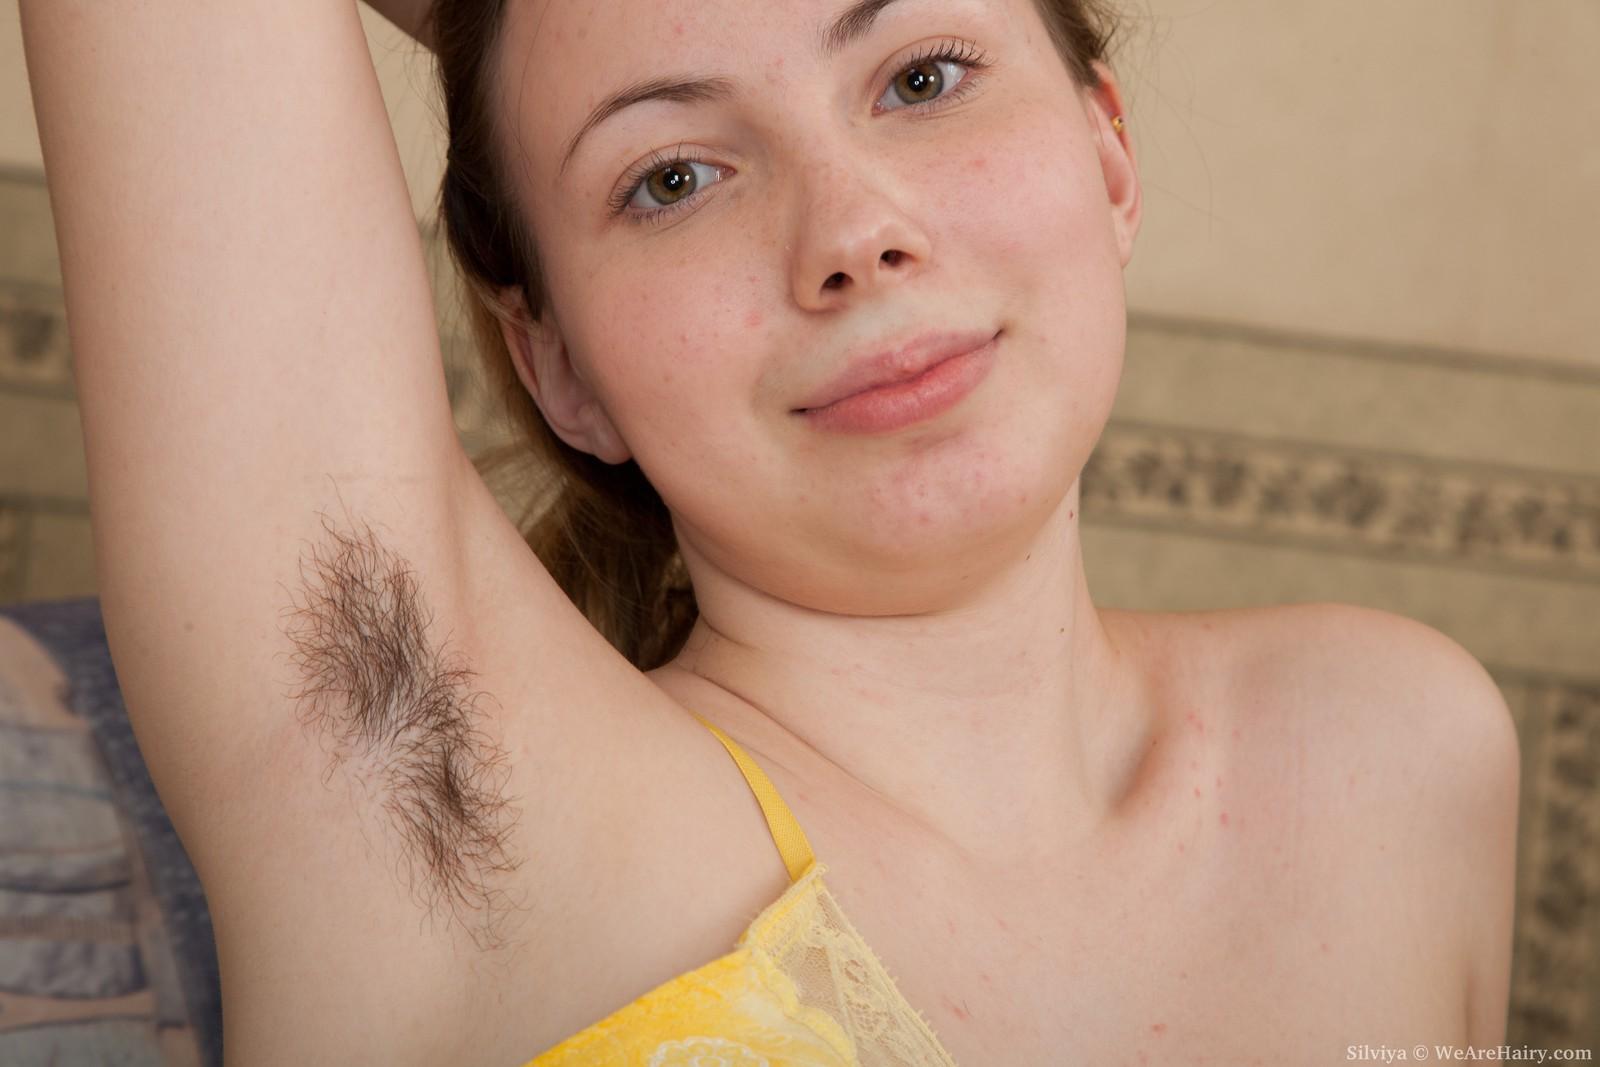 Фото пробиваются волосики, Волосы торчат из под купальника Случайное фото 4 фотография